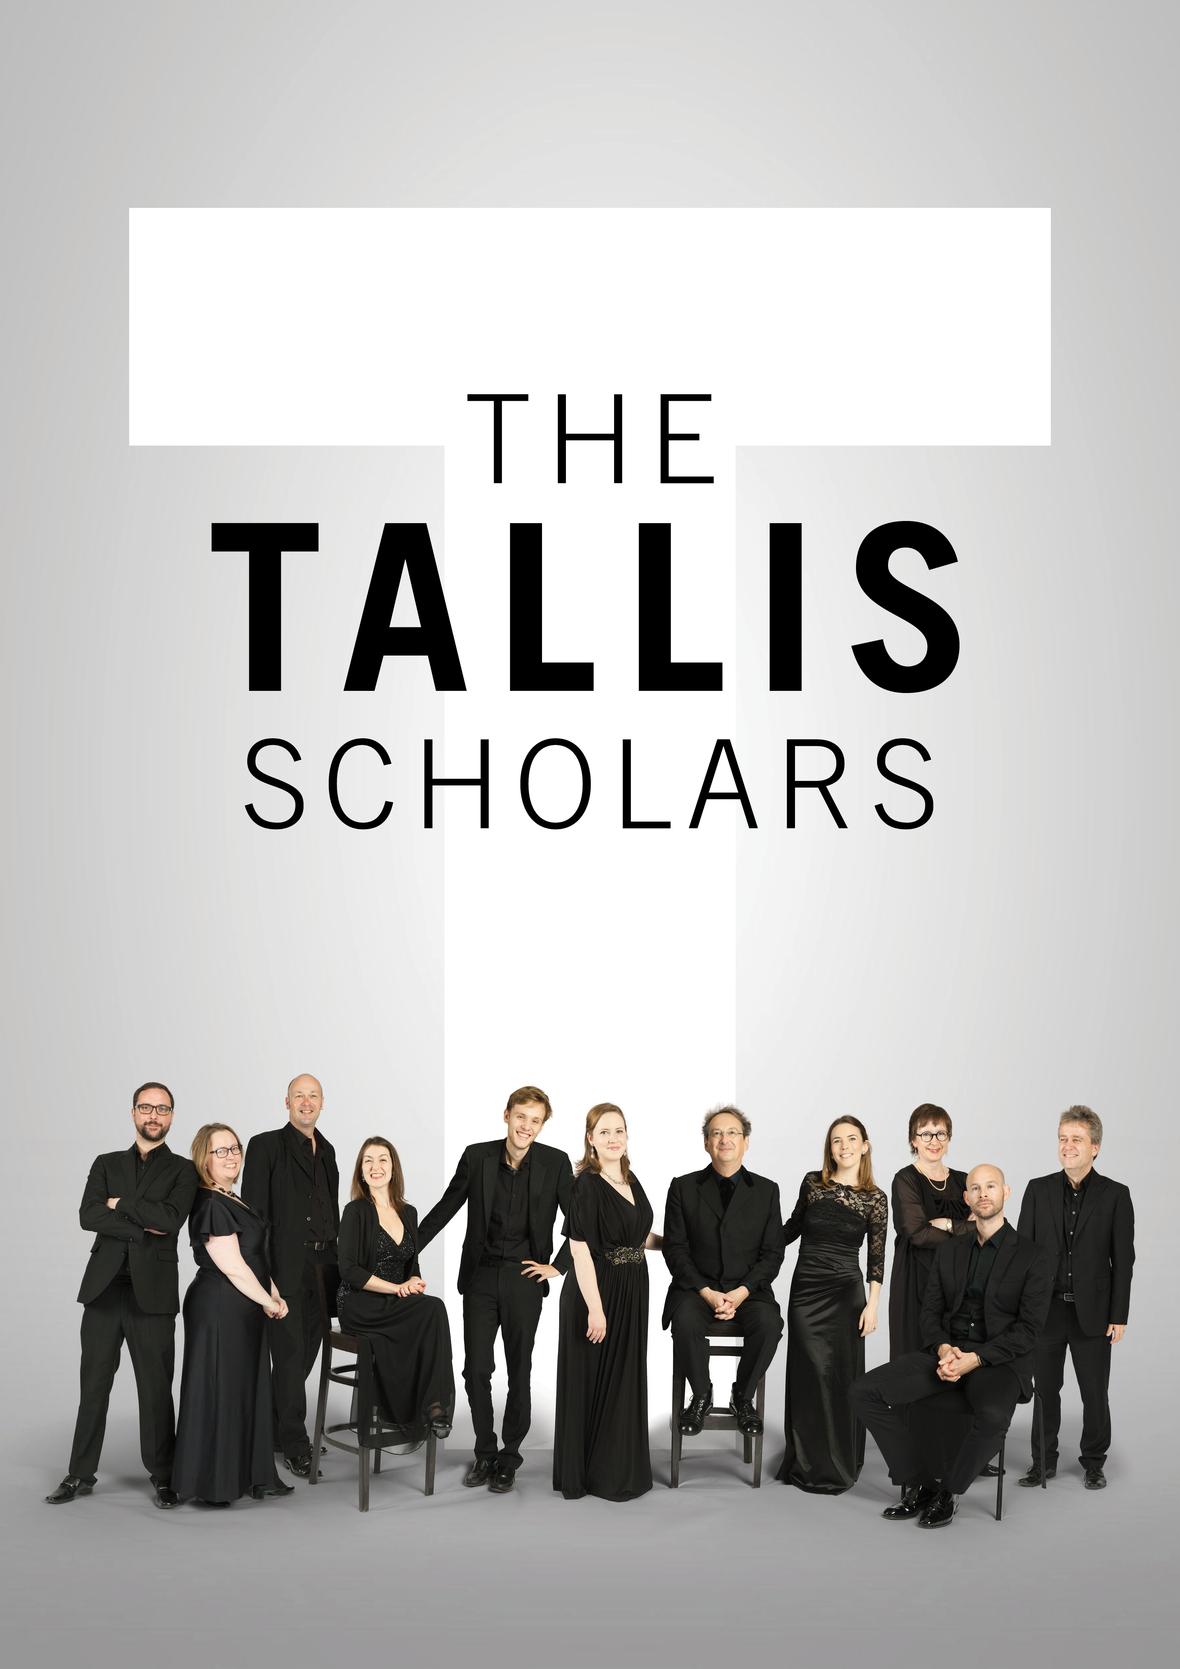 TallisScholars c Nick Rutter 3